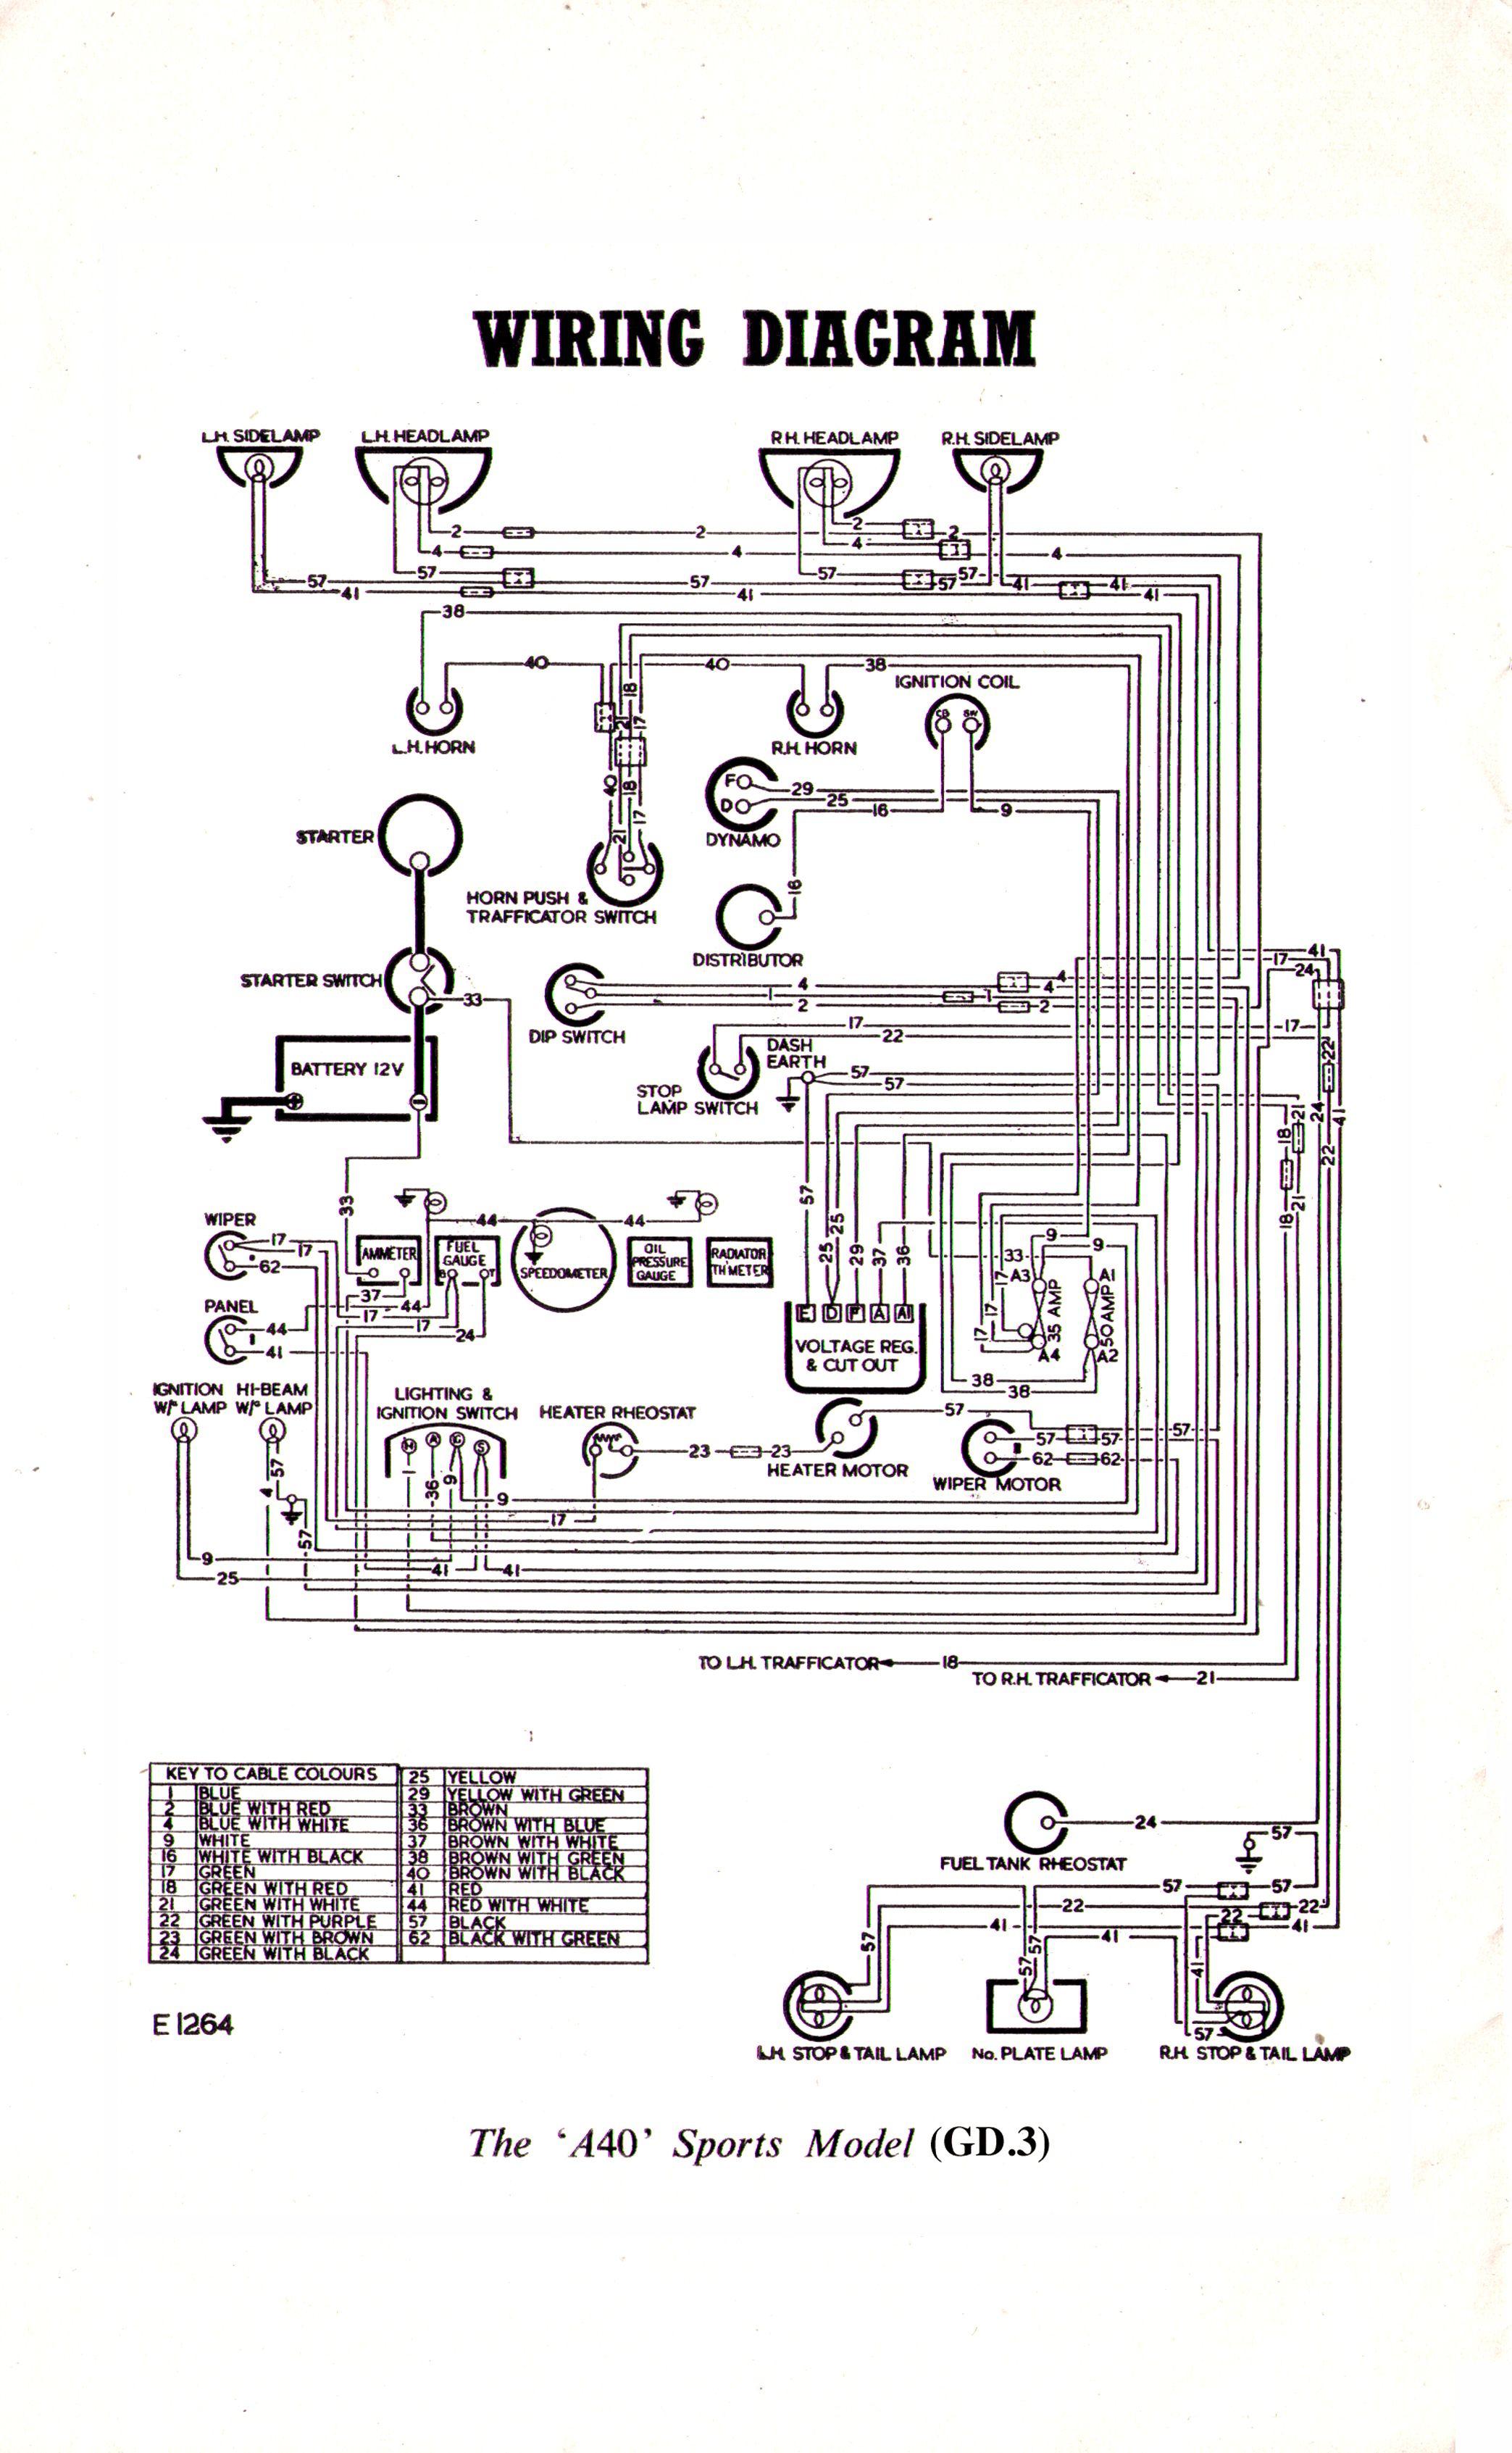 a35 engine diagram wiring diagram  wrg 1178] a35 engine diagram